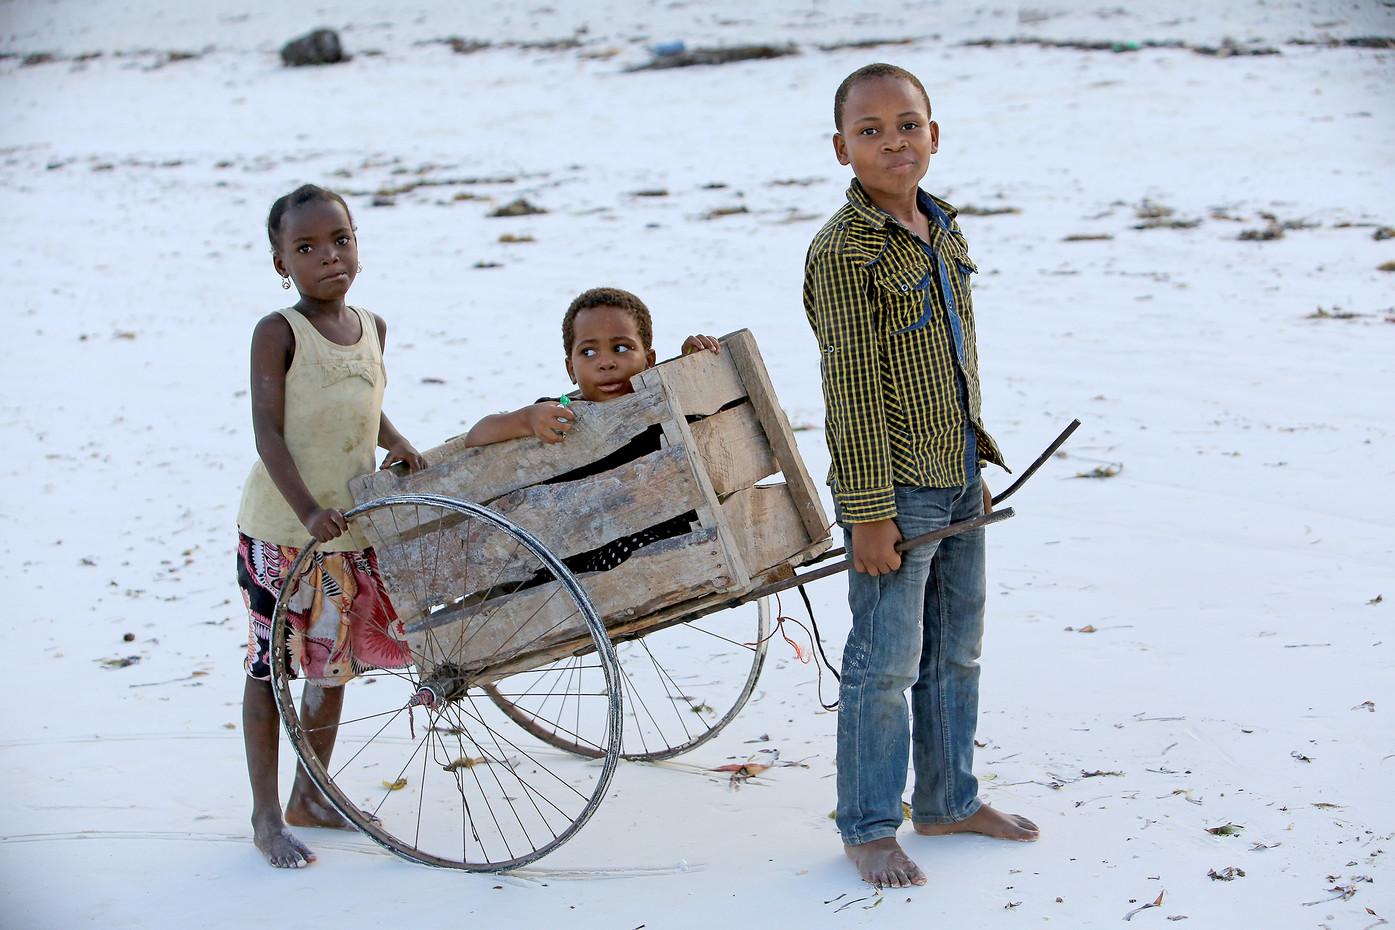 Children on a beach in Zanzibar, Tanzania